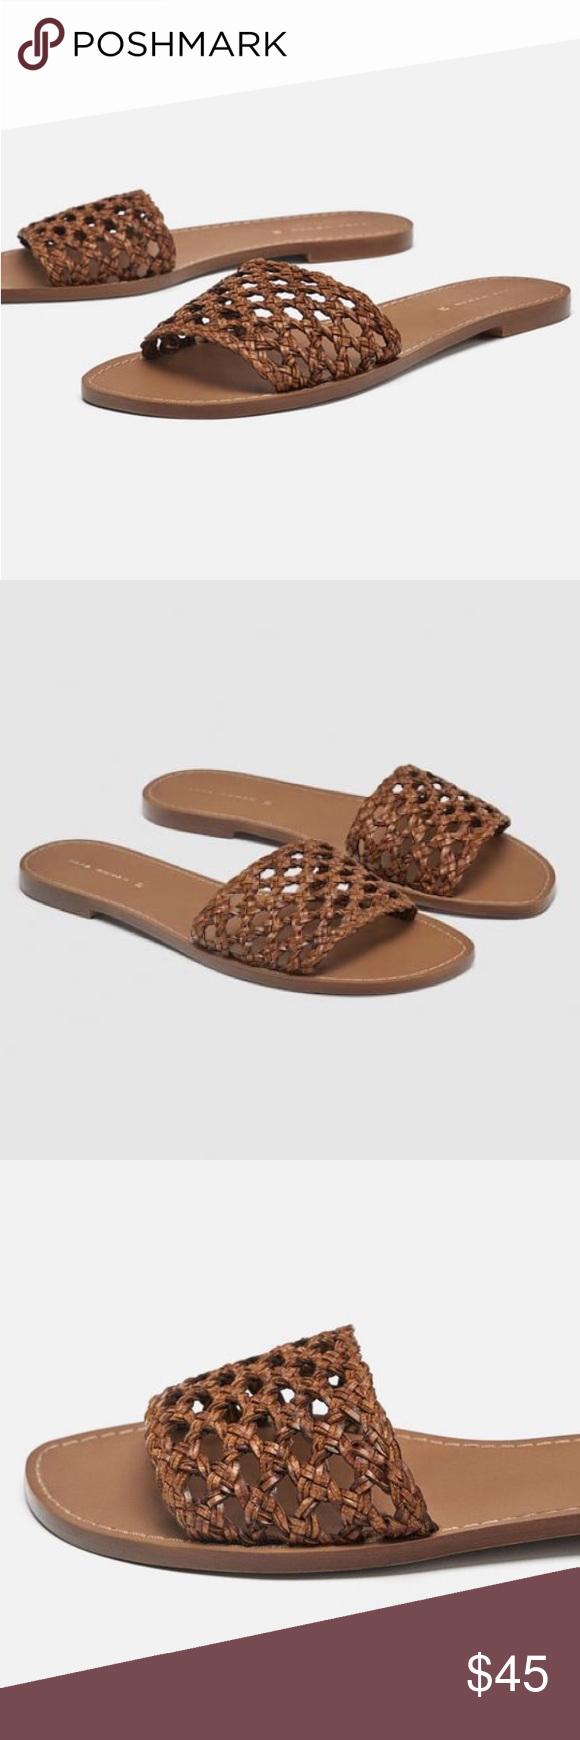 Zara Braided Slip On Sandals Zara braided slip on slides.  Brown woven design.  Size 37.  Worn once-...